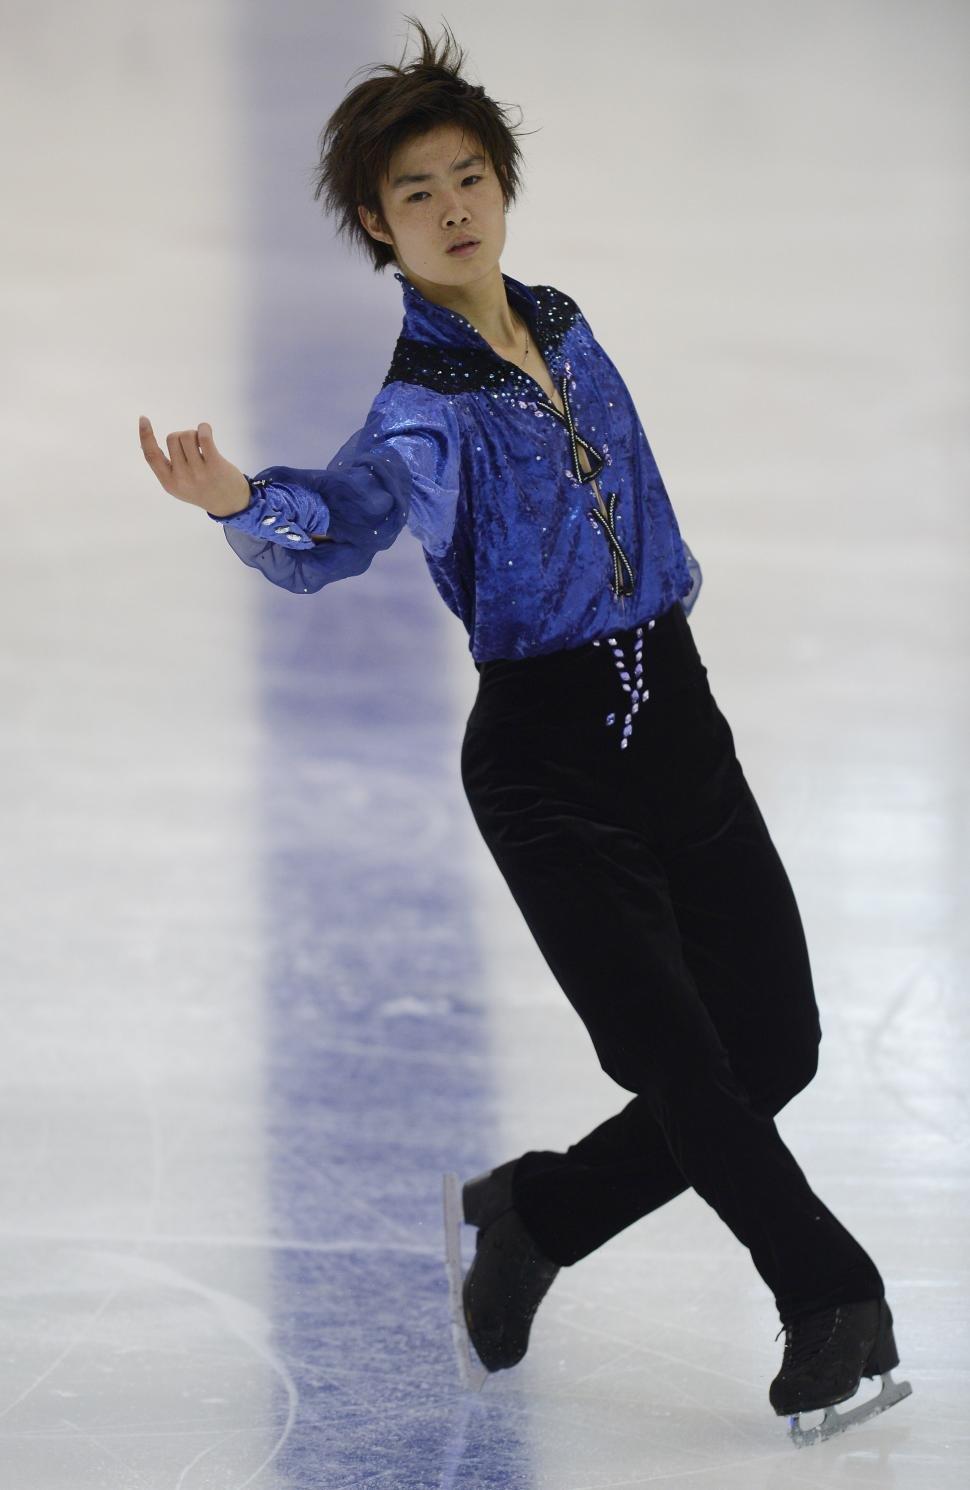 中村優 スケート에 대한 이미지 검색결과